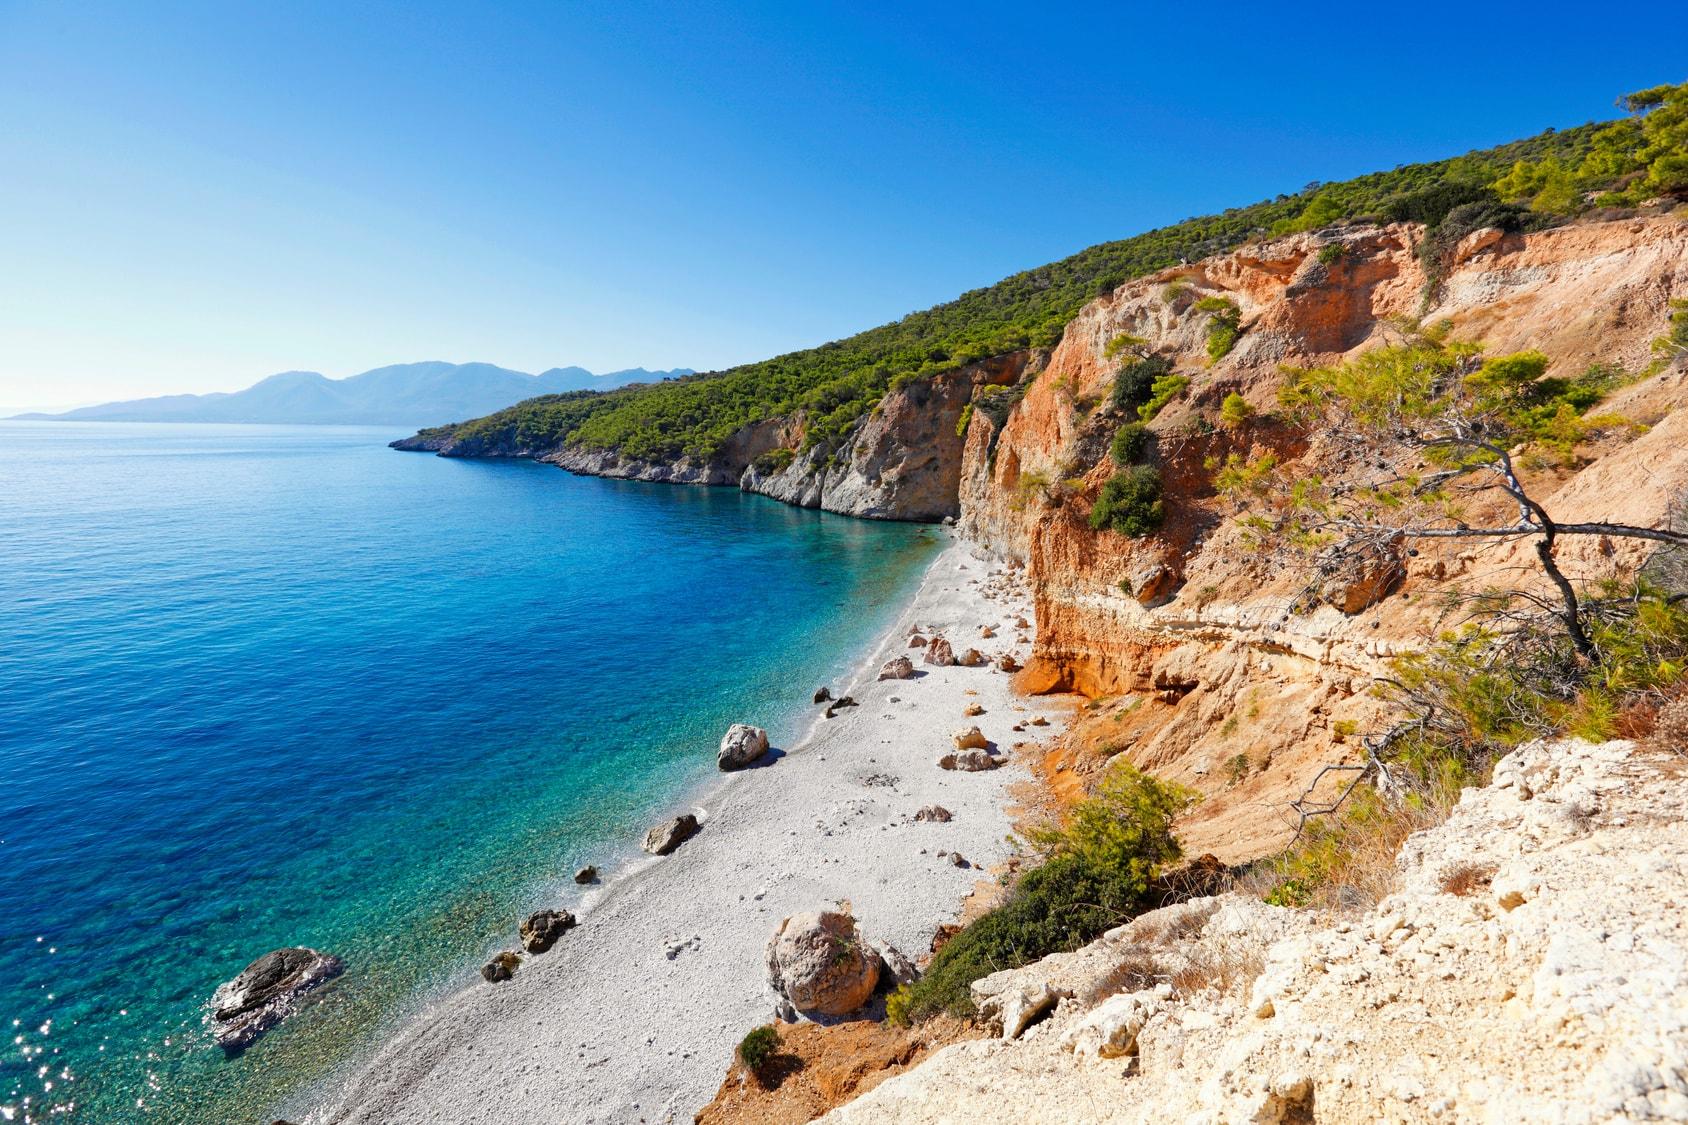 Schönste Strände Peloponnes Karte.11 Kleine Und Unbekannte Griechische Inseln Geheimtipps Für 2019